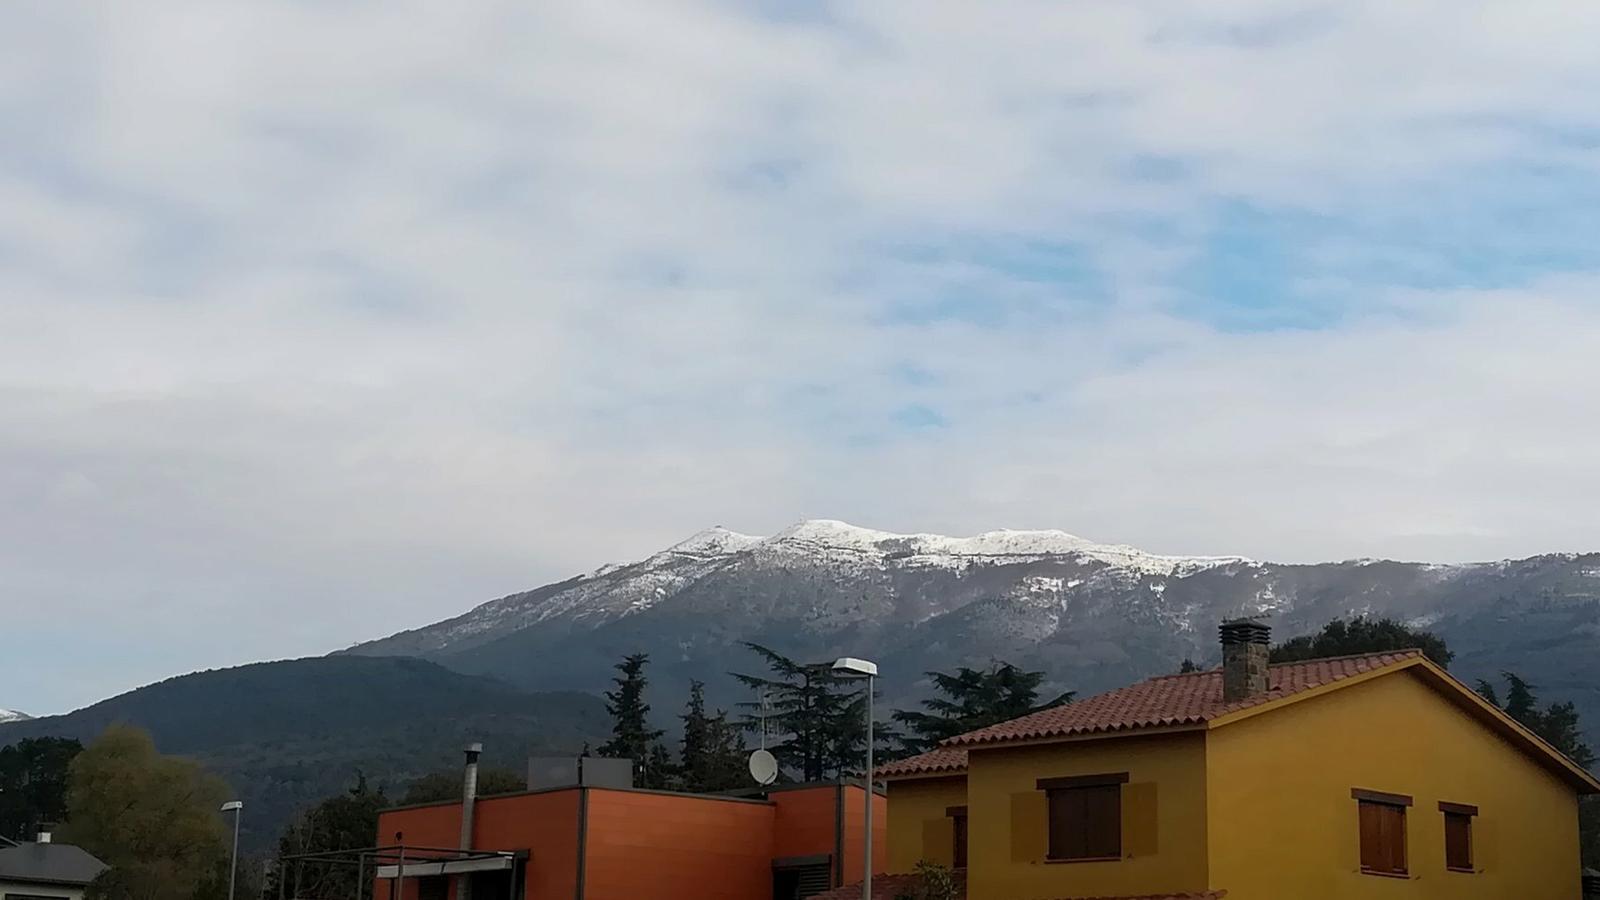 Demà la neu reapareixerà fins i tot per sota dels 600 metres